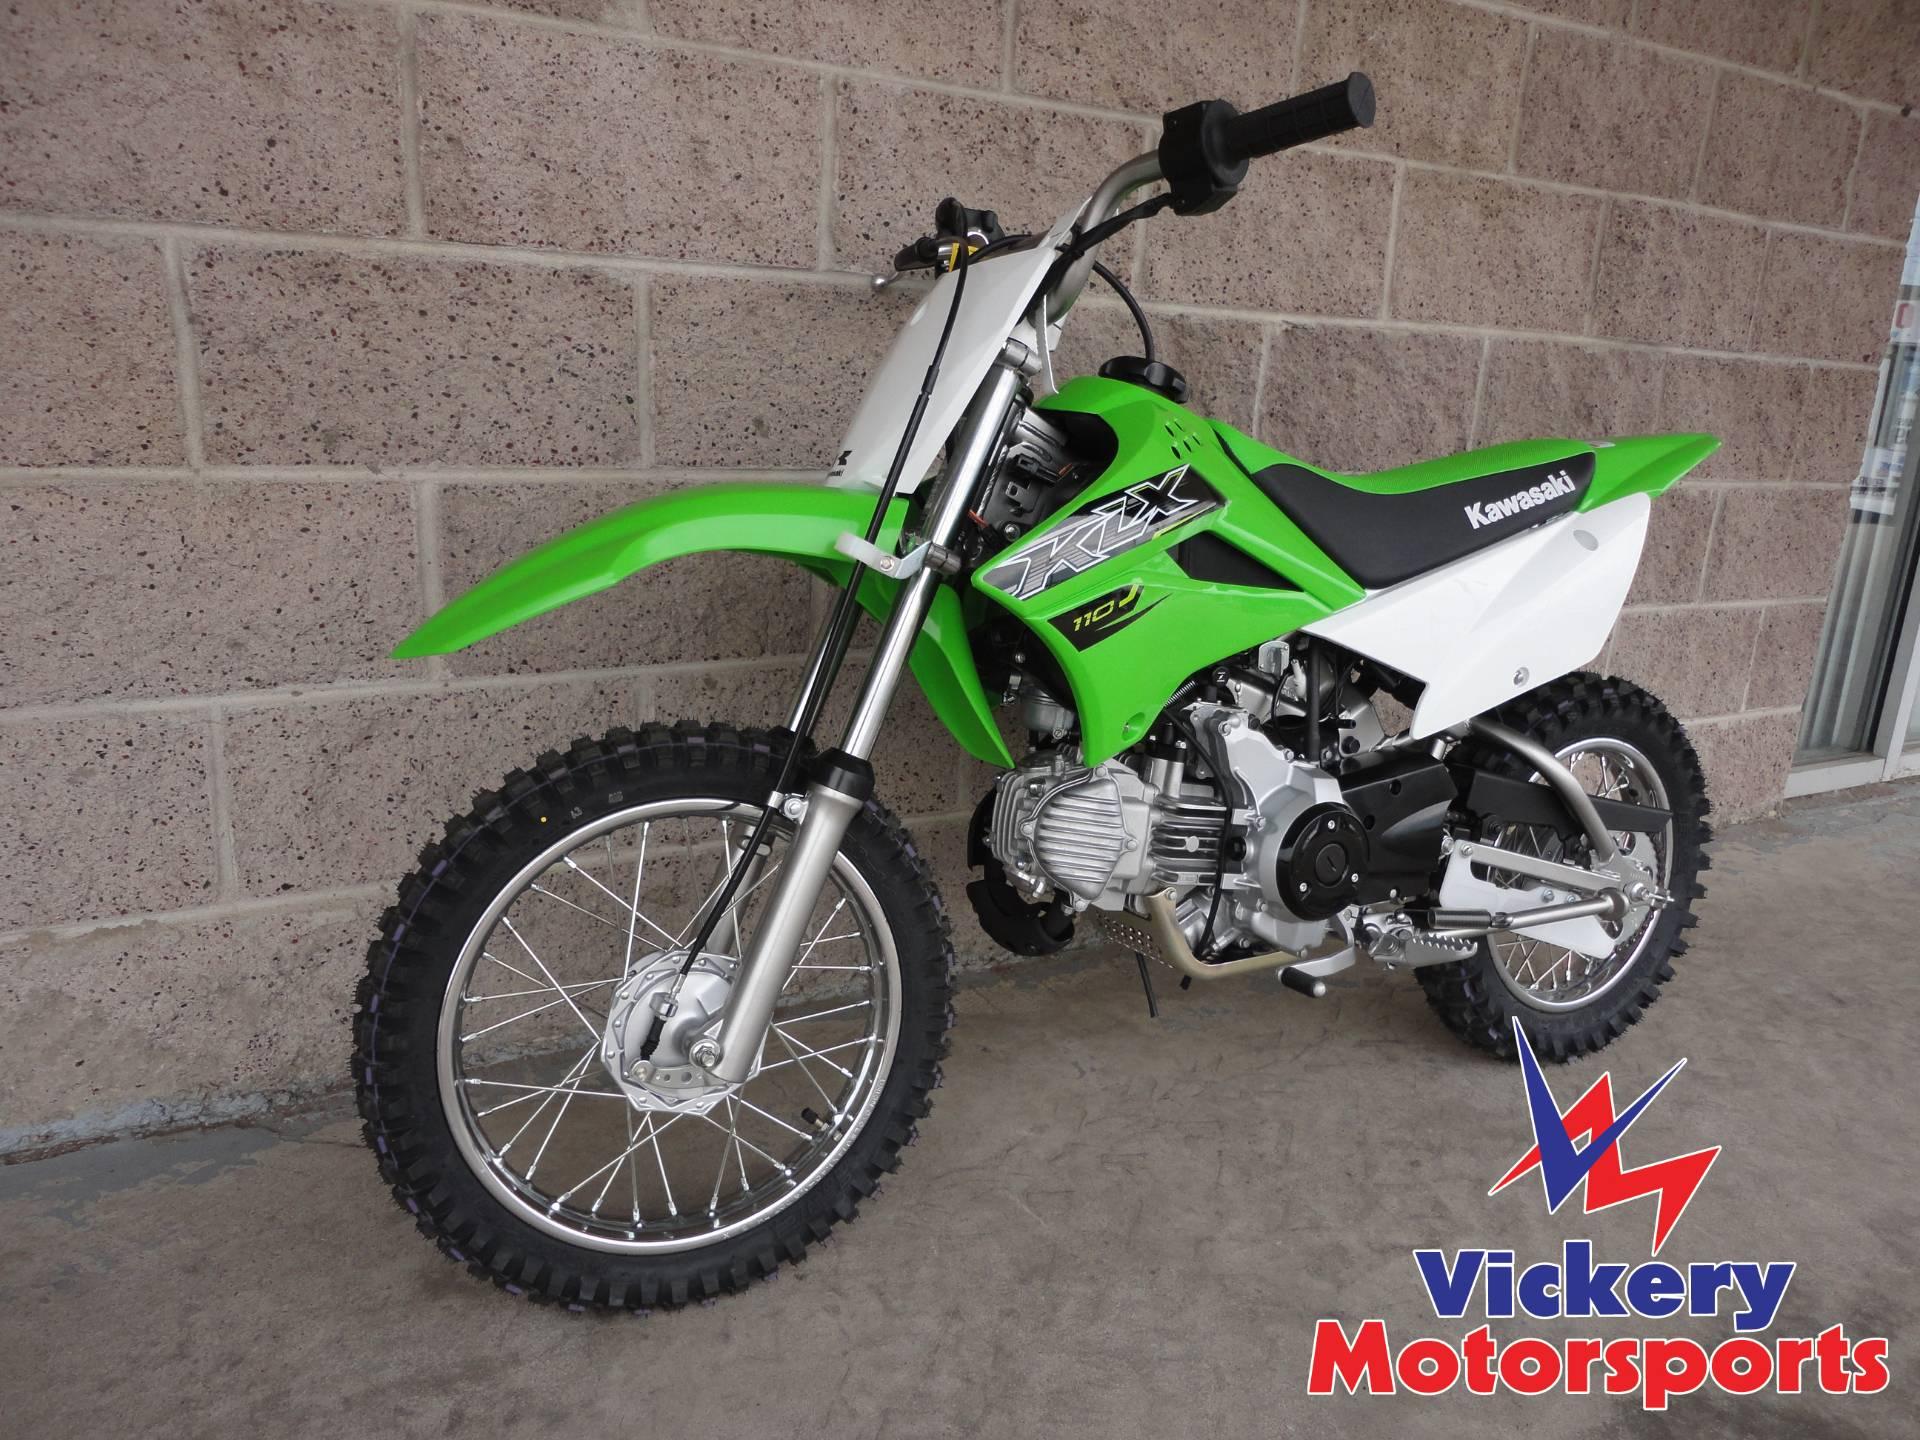 2019 Kawasaki KLX 110 Motorcycles Denver Colorado V8656